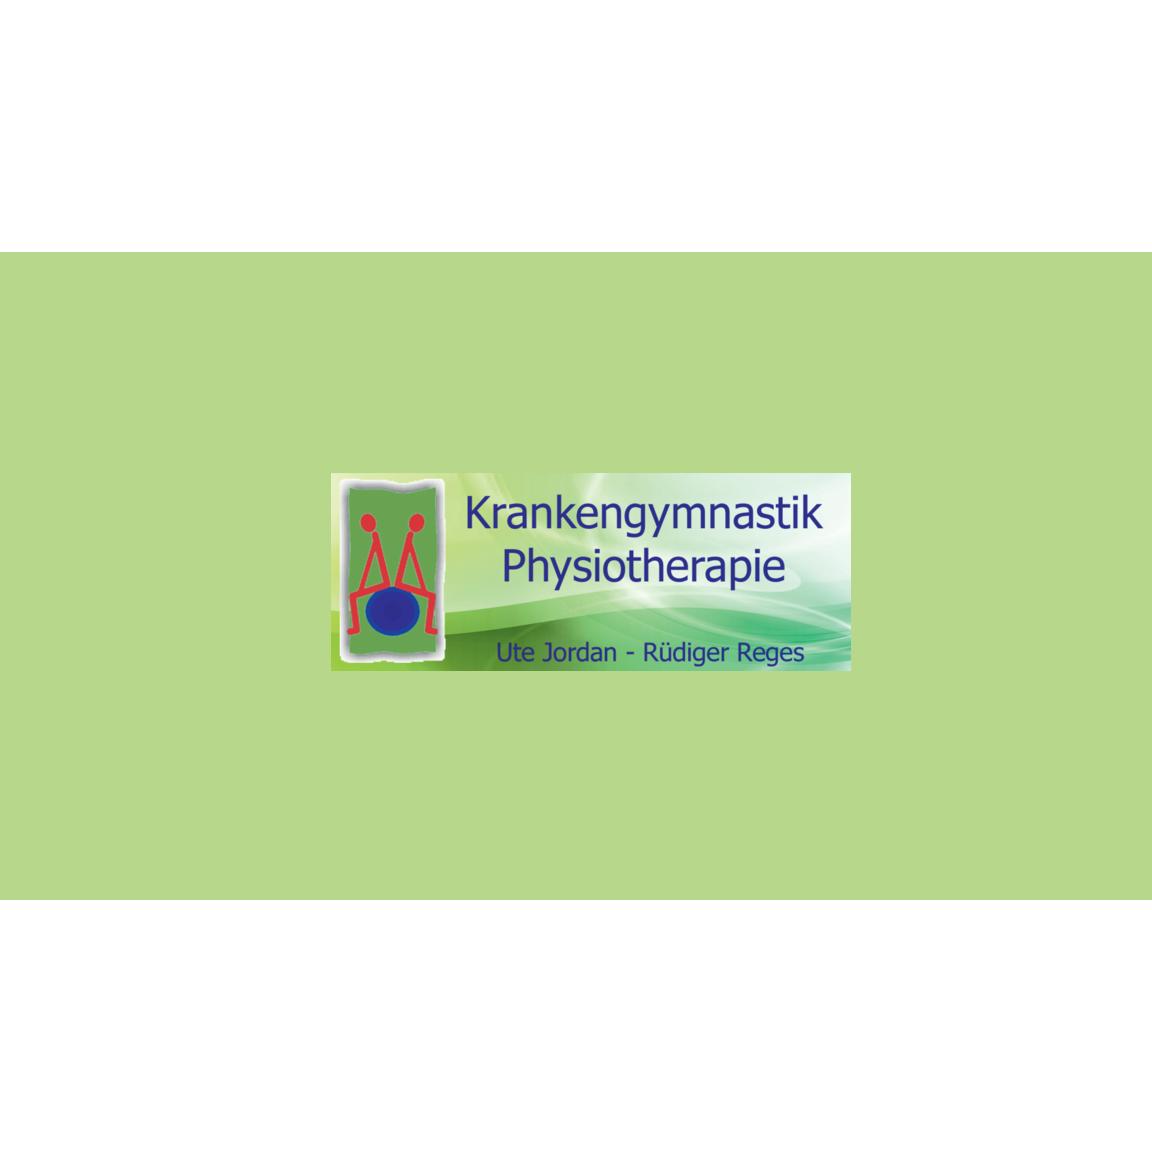 Bild zu Krankengymnastik / Physiotherapie Ute Jordan - Rüdiger Reges in Neumarkt in der Oberpfalz